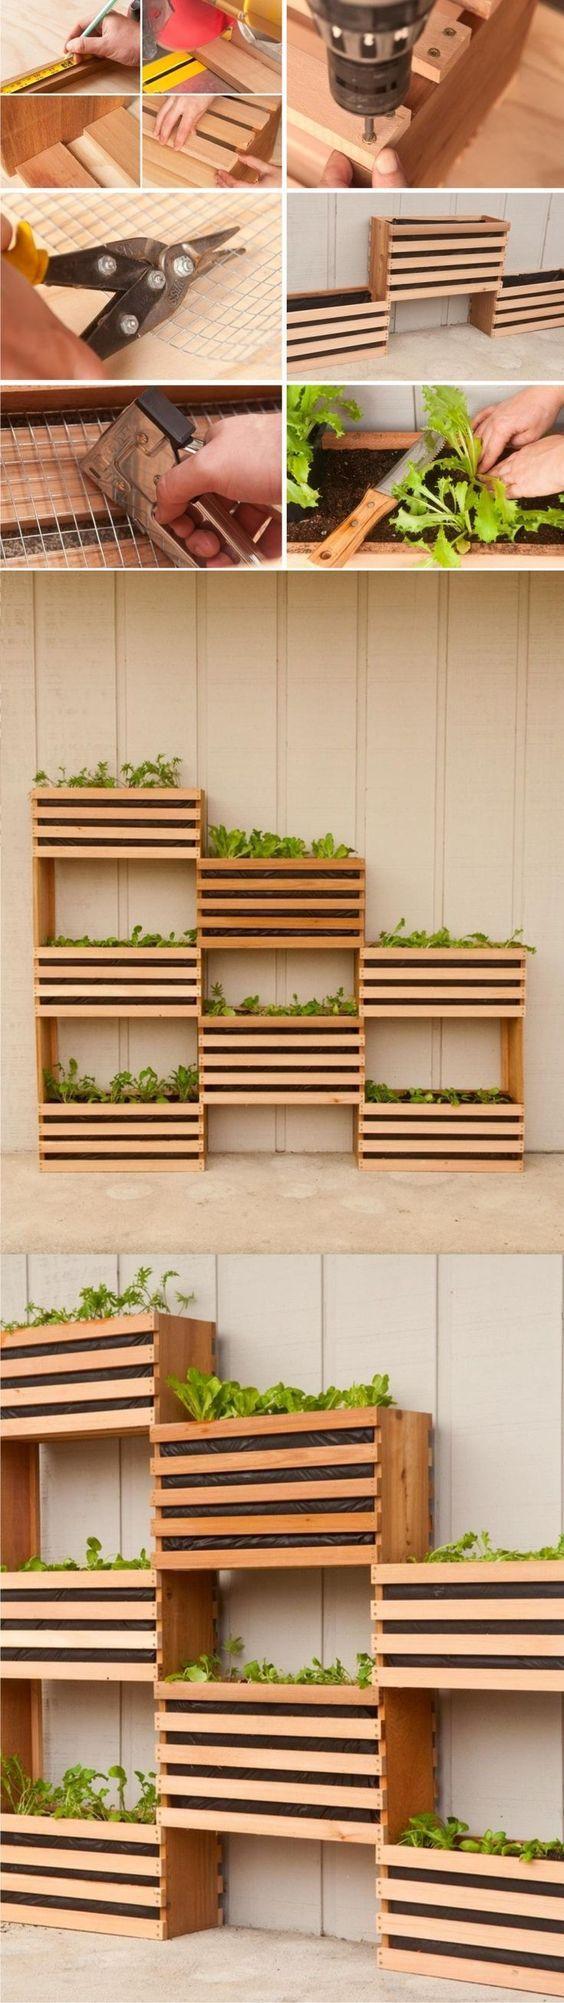 Ideas diy para decorar tu jardin macetas terrazas y casero for Organizar jardin exterior